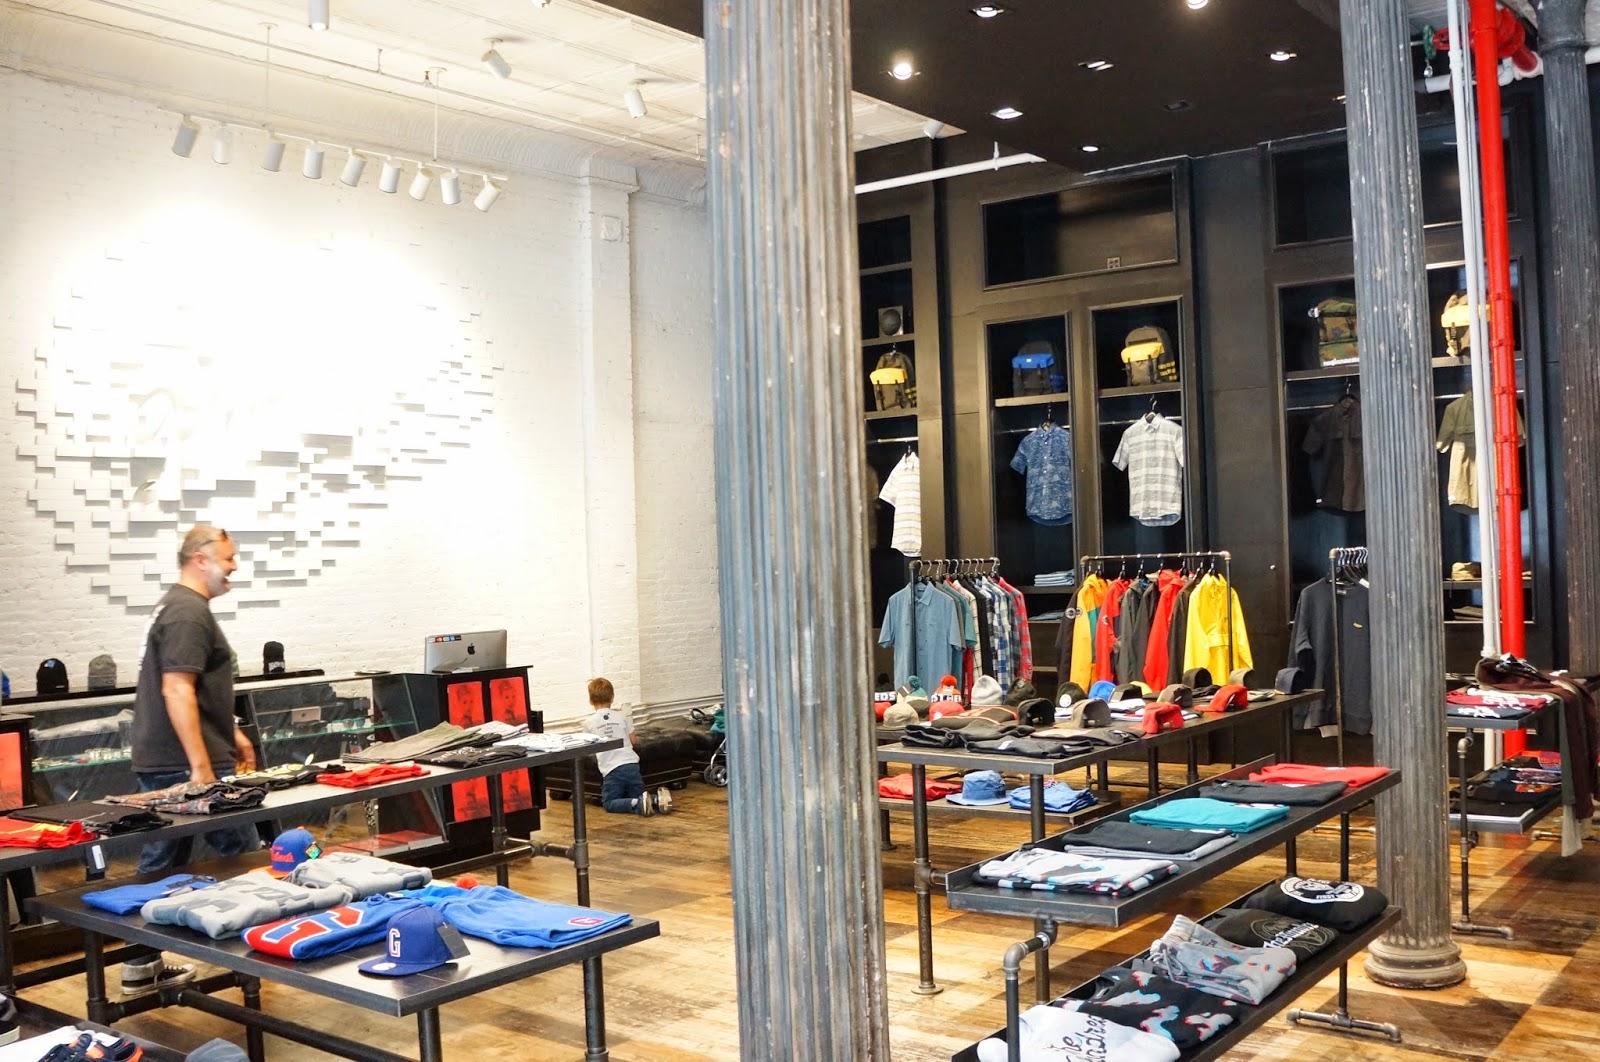 guia de compras nyc the hundreds 2 - Guia de compras: Nova Iorque (Parte 2)